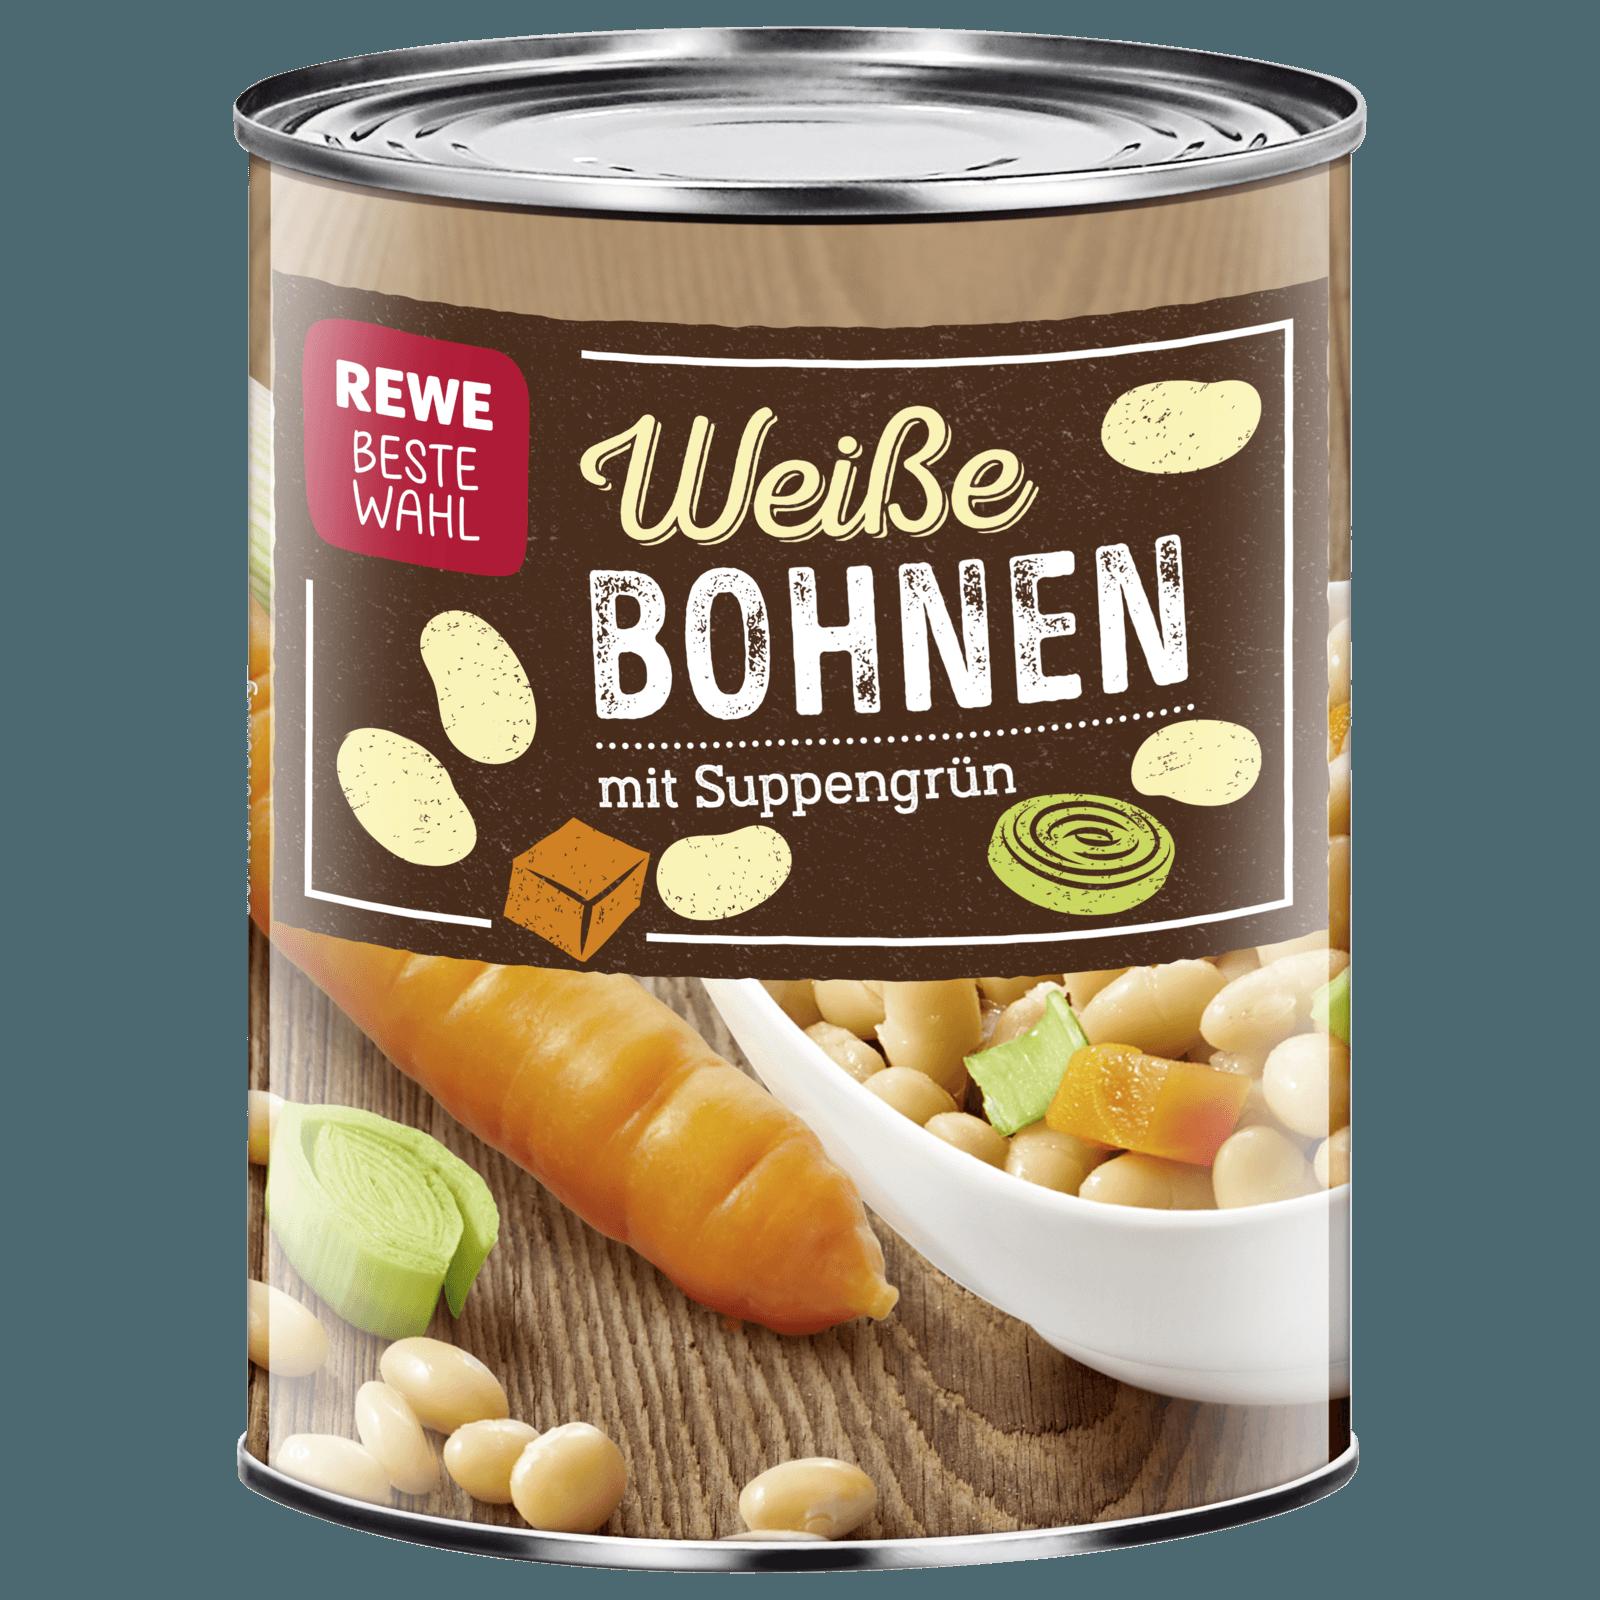 REWE Beste Wahl Weiße Bohnen mit Suppengrün 850ml